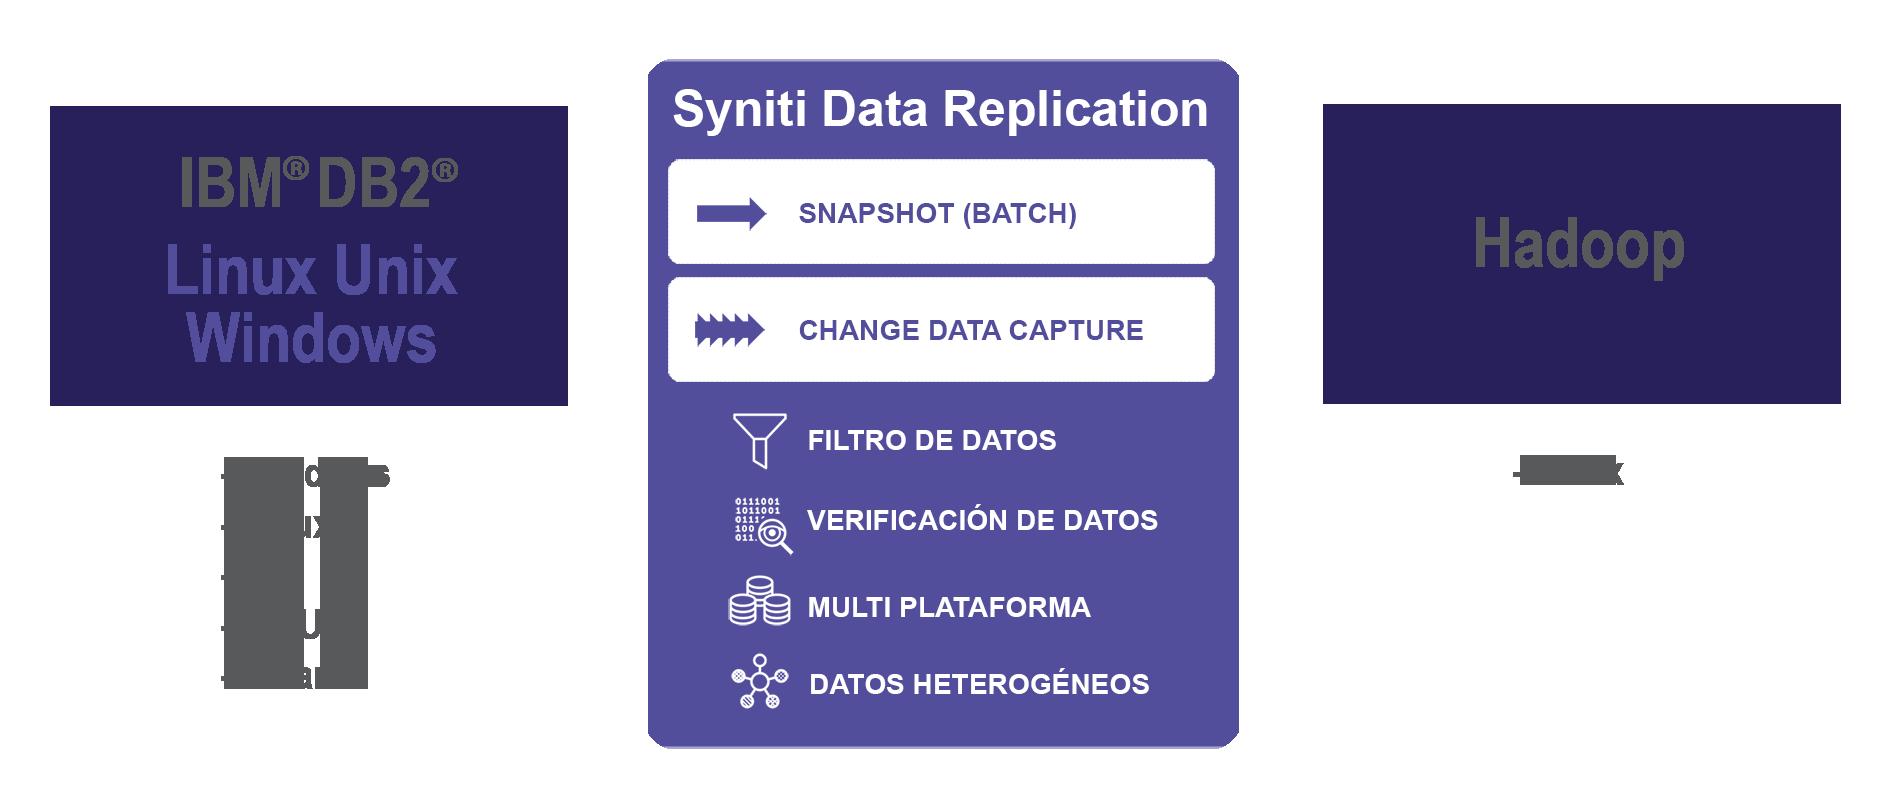 Replicación de datos DB2 LUW a Hadoop en tiempo real